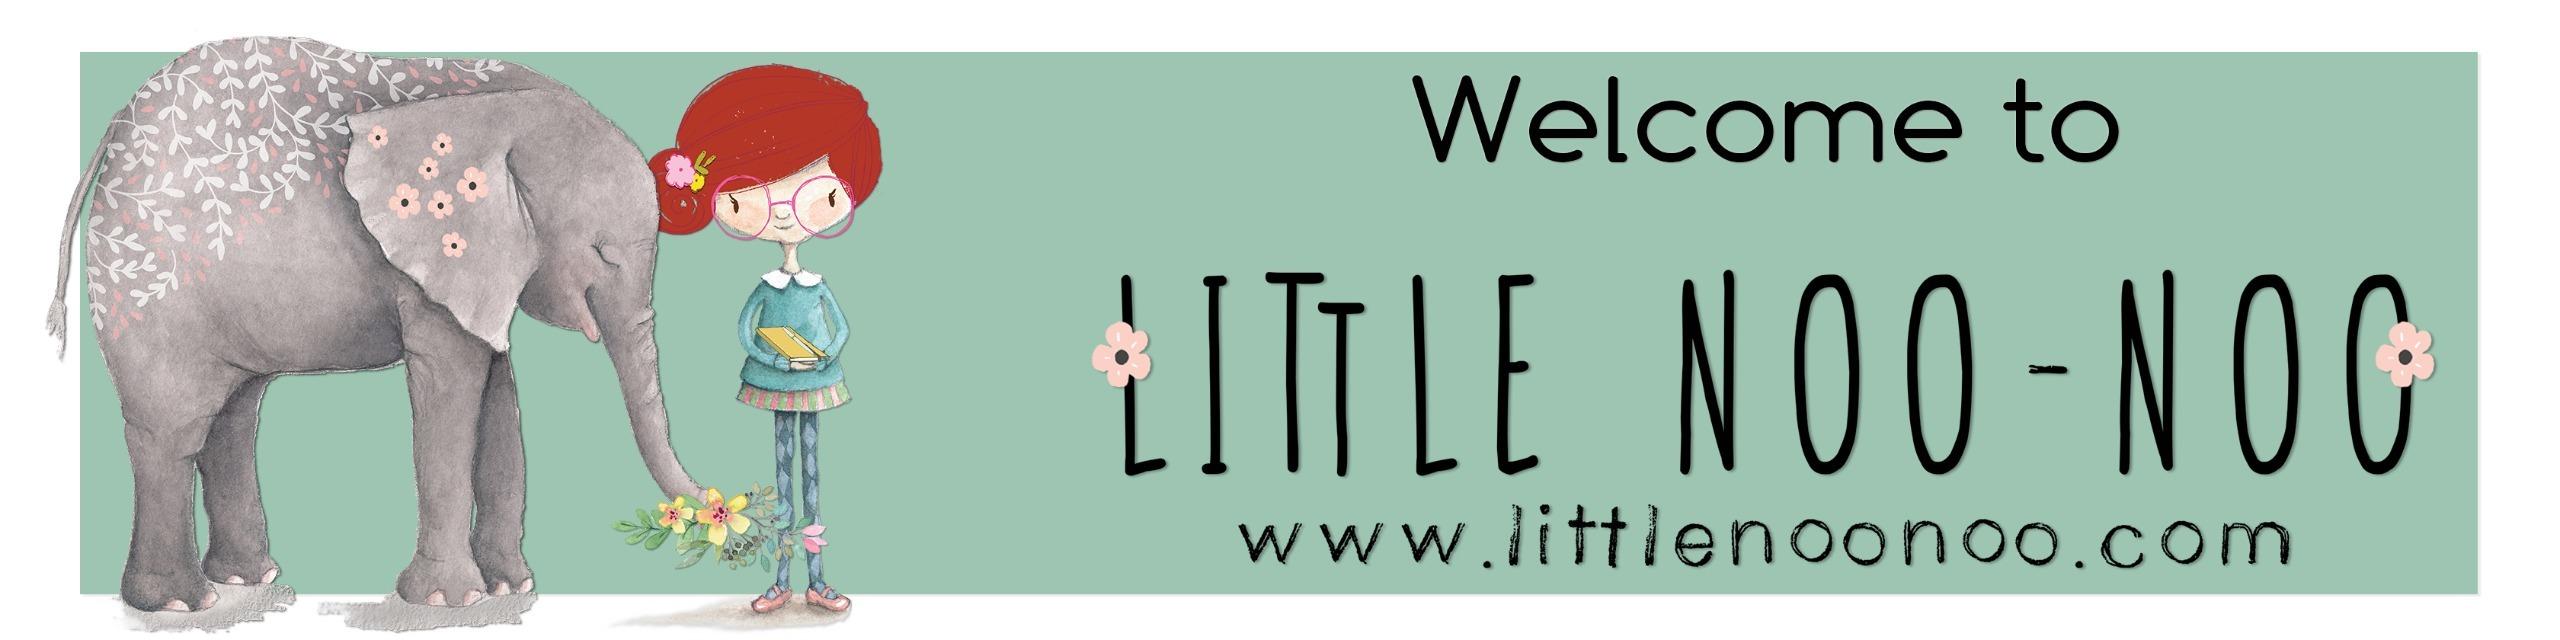 Little Noo-Noo (@thelittlenoonoo) Cover Image